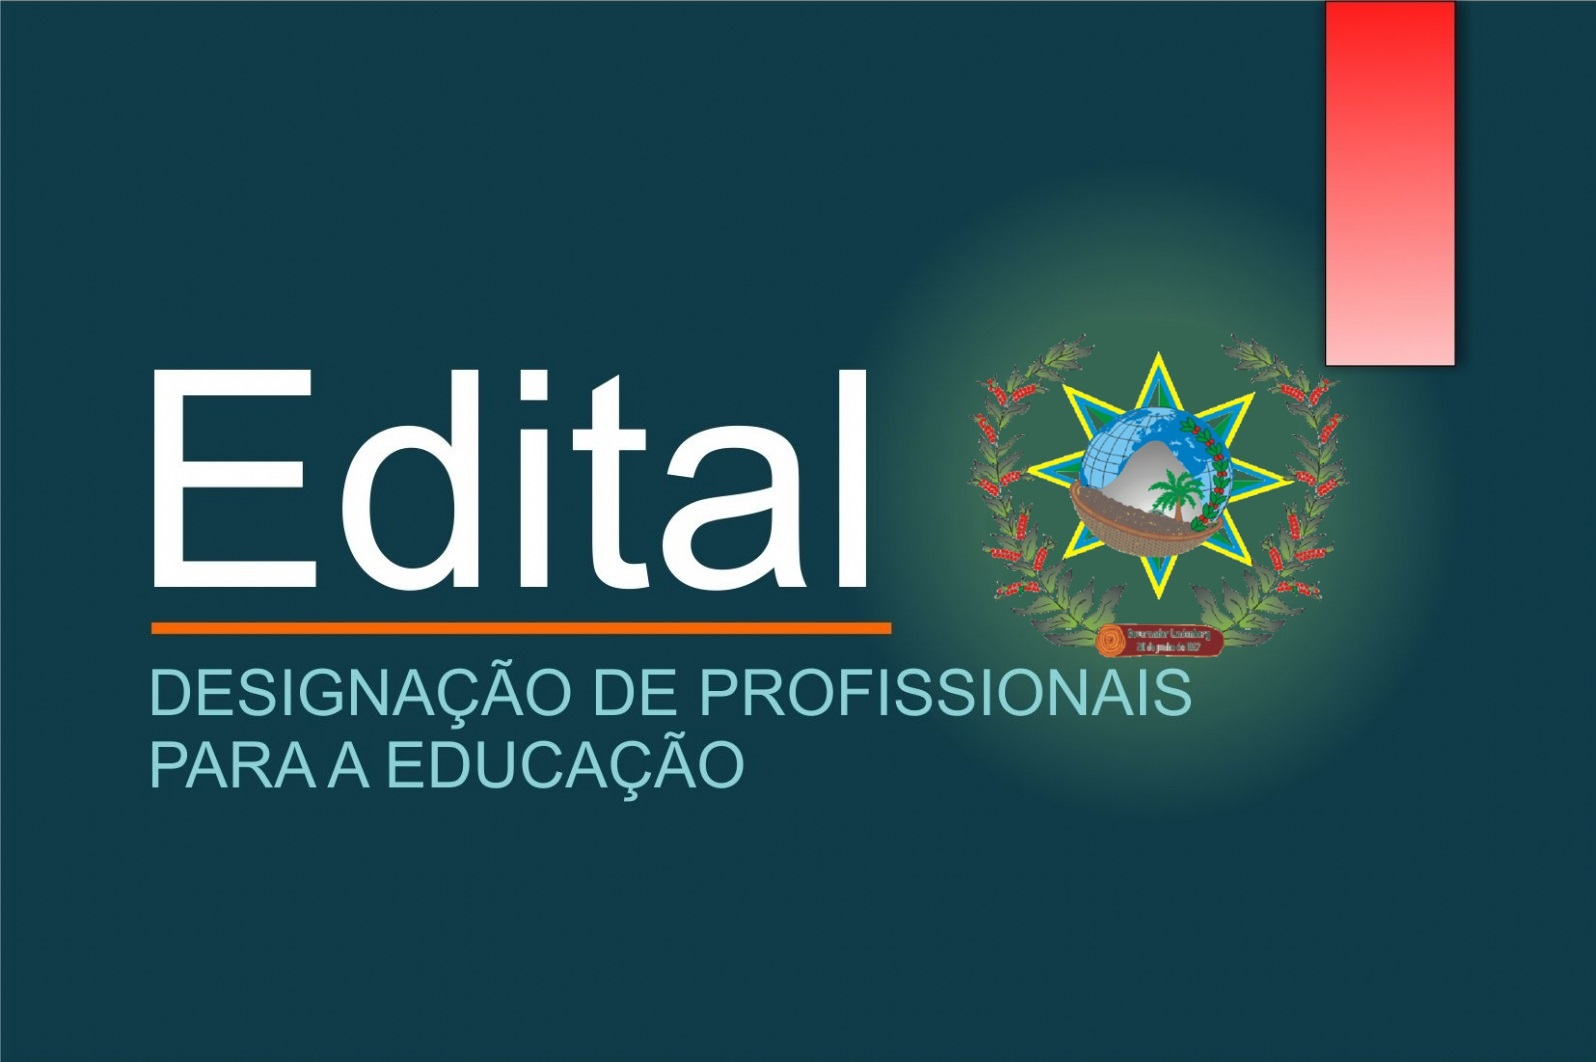 Prefeitura Divulga Portaria nº 007/2017 que Define critérios para localização de professor efetivo da Educação Infantil e do Ensino Fundamental